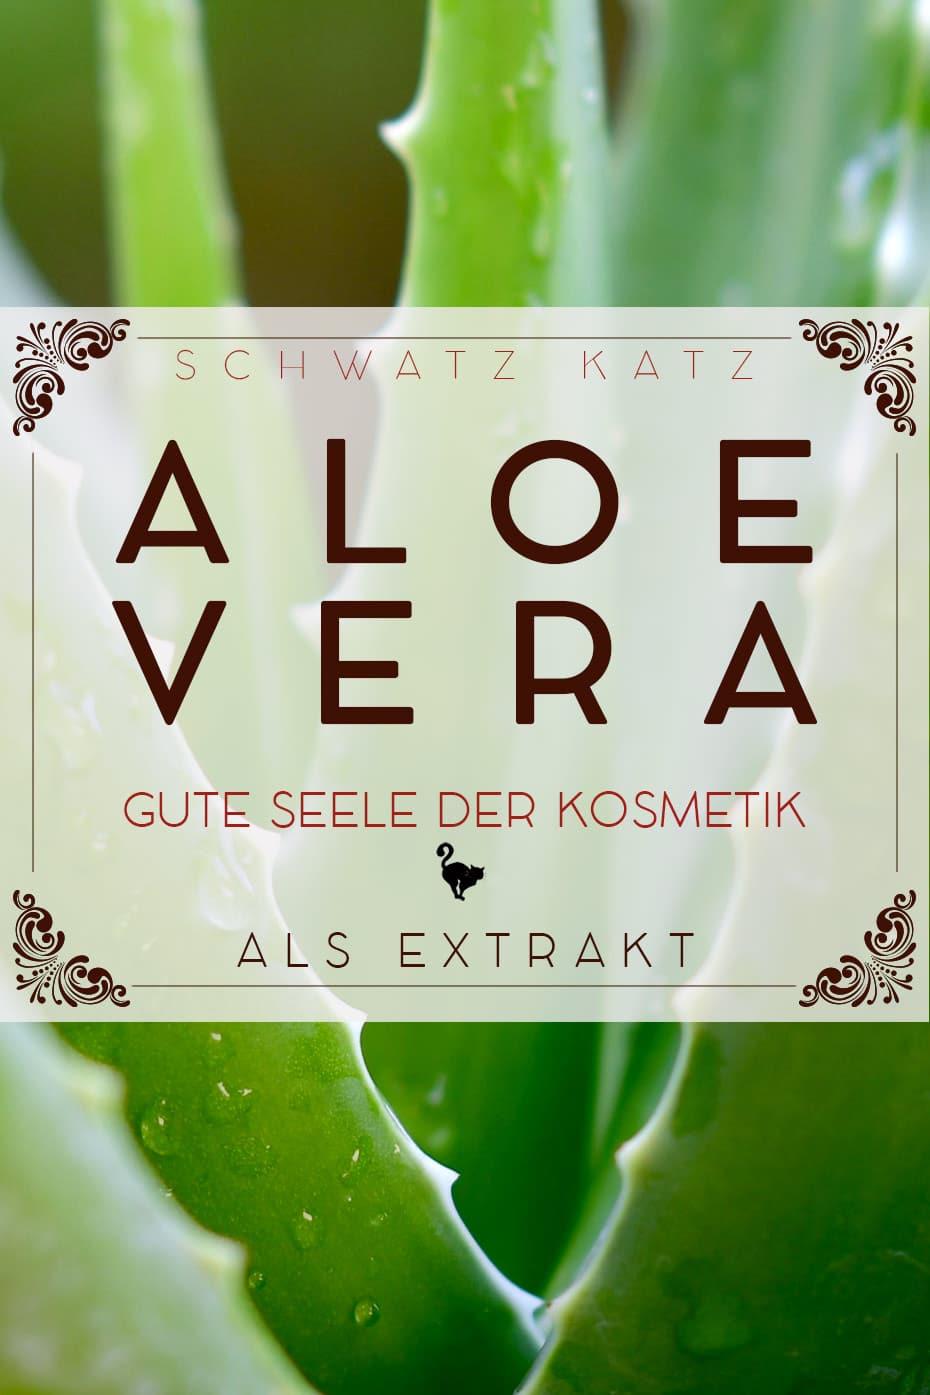 Aloe Vera | Schwatz Katz Mini Rohstoffportrait